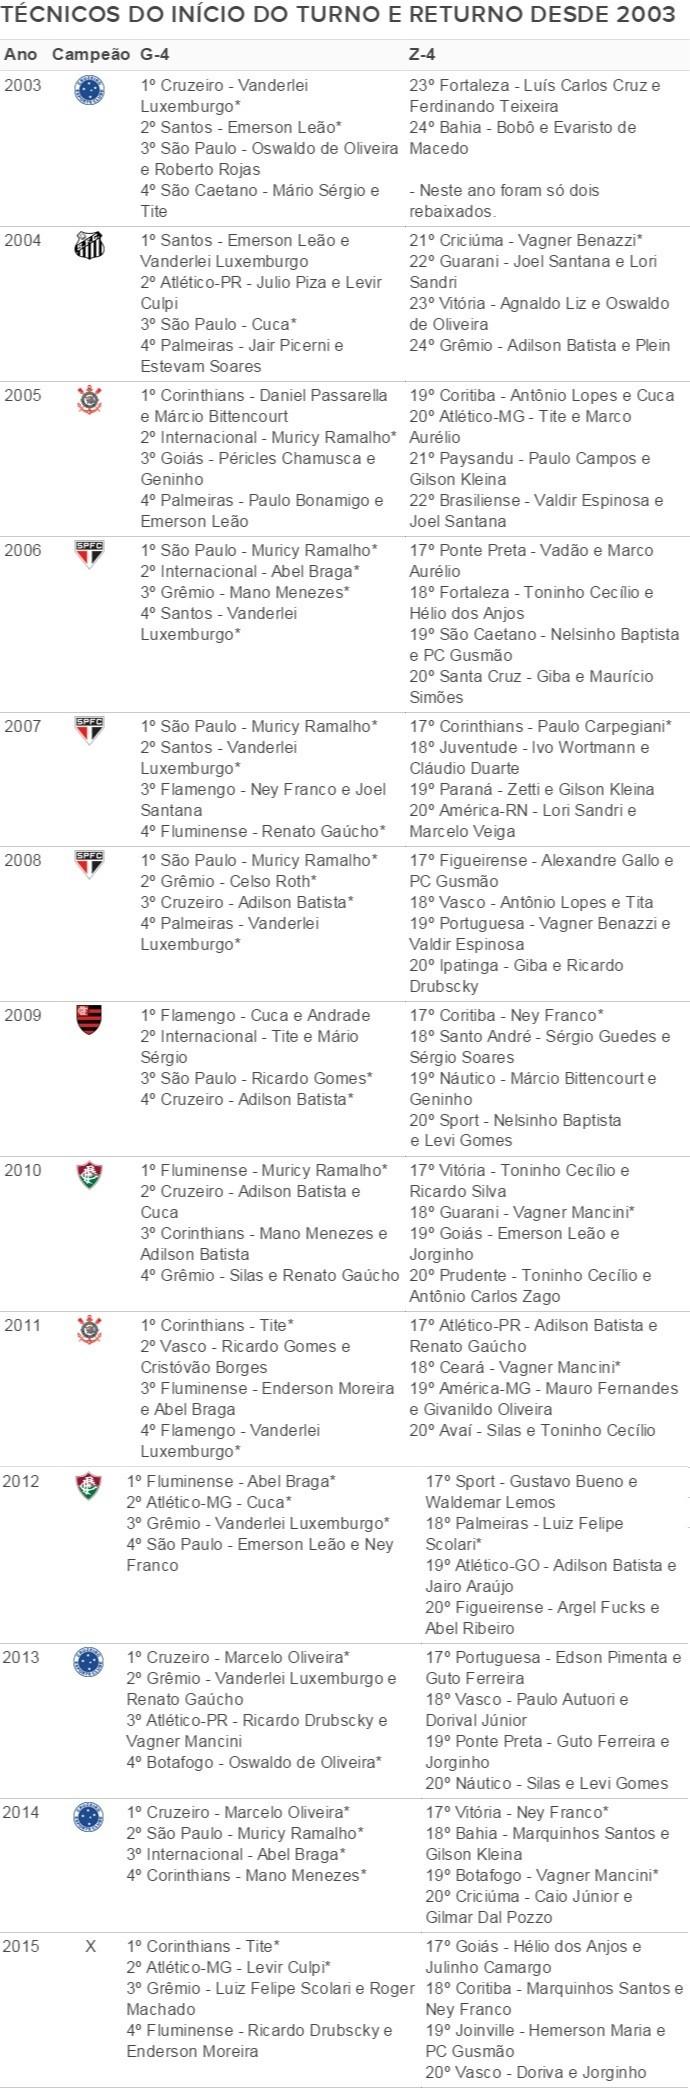 Técnicos no início do turno e returno dos pontos corridos do Brasileirão (Foto: Arte/GloboEsporte.com)